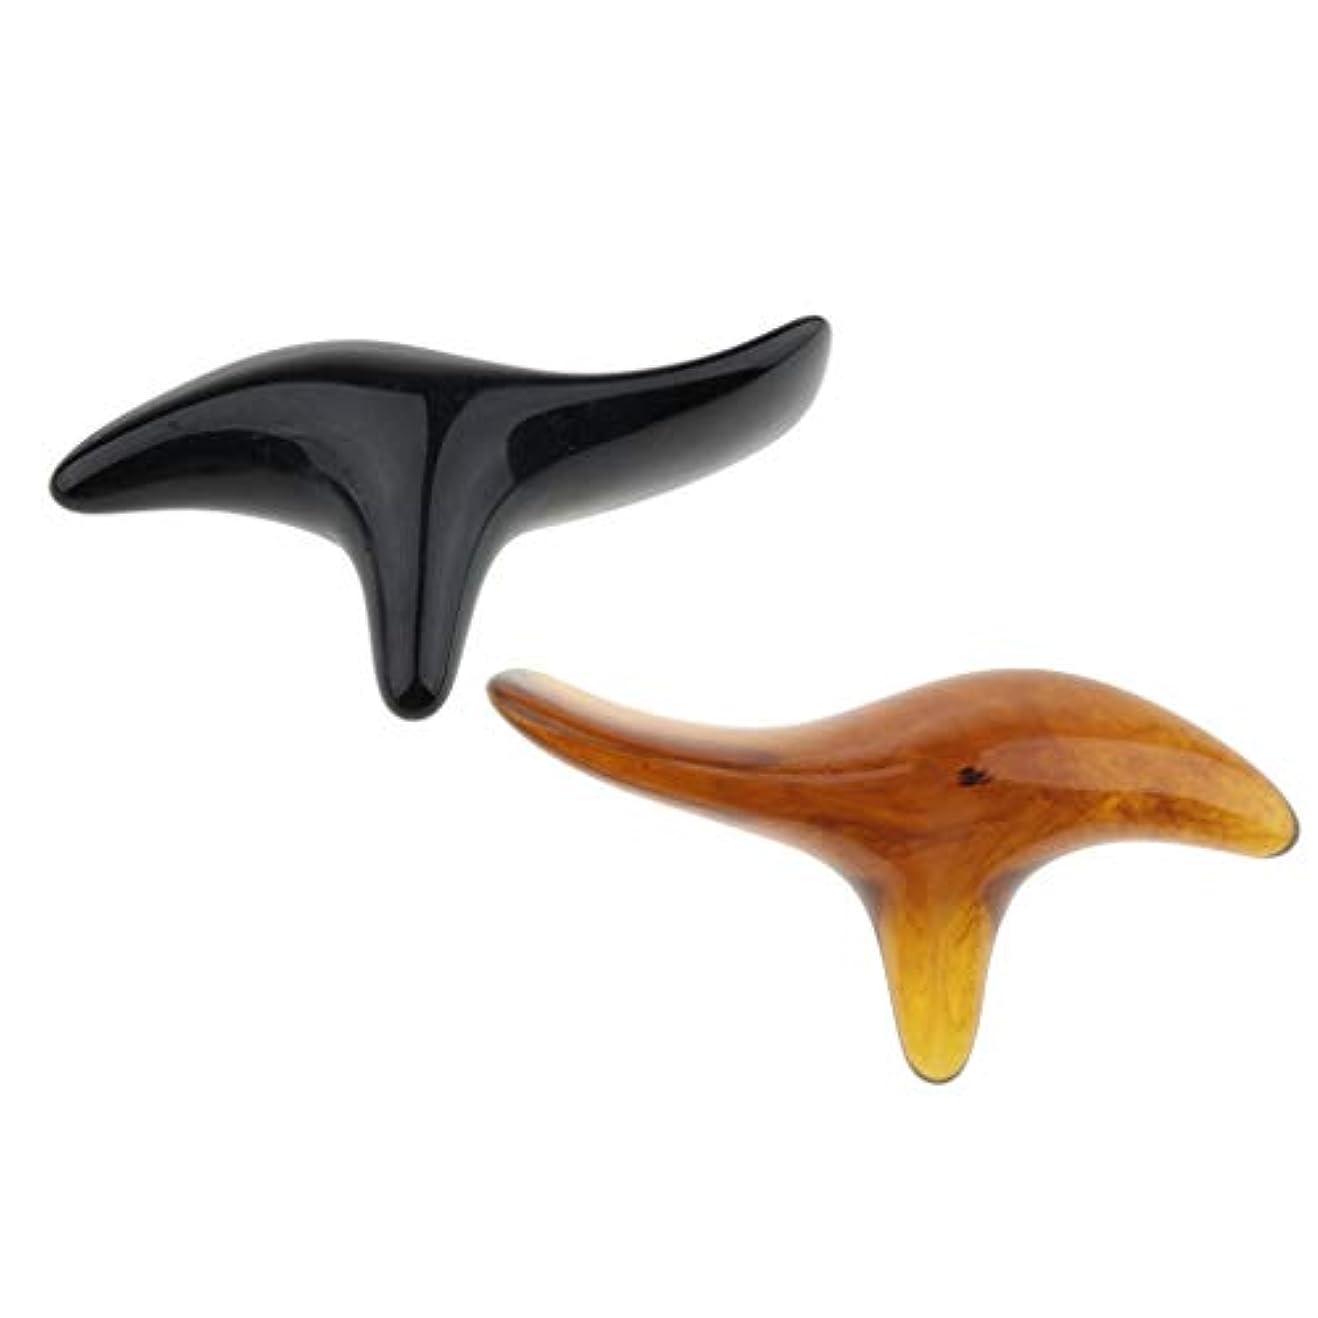 ストレス将来の一掃する2個 フットマッサージ スティック マッサージ棒 ツボ押しグッズ 疲労緩和 健康グッズ 実用